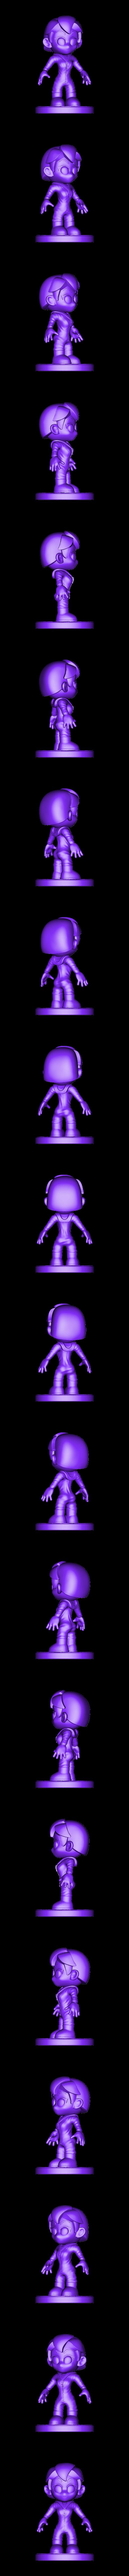 tokyo.stl Descargar archivo STL Tokyo Chibi // Casa de Papel 4 • Plan imprimible en 3D, MatteoMoscatelli